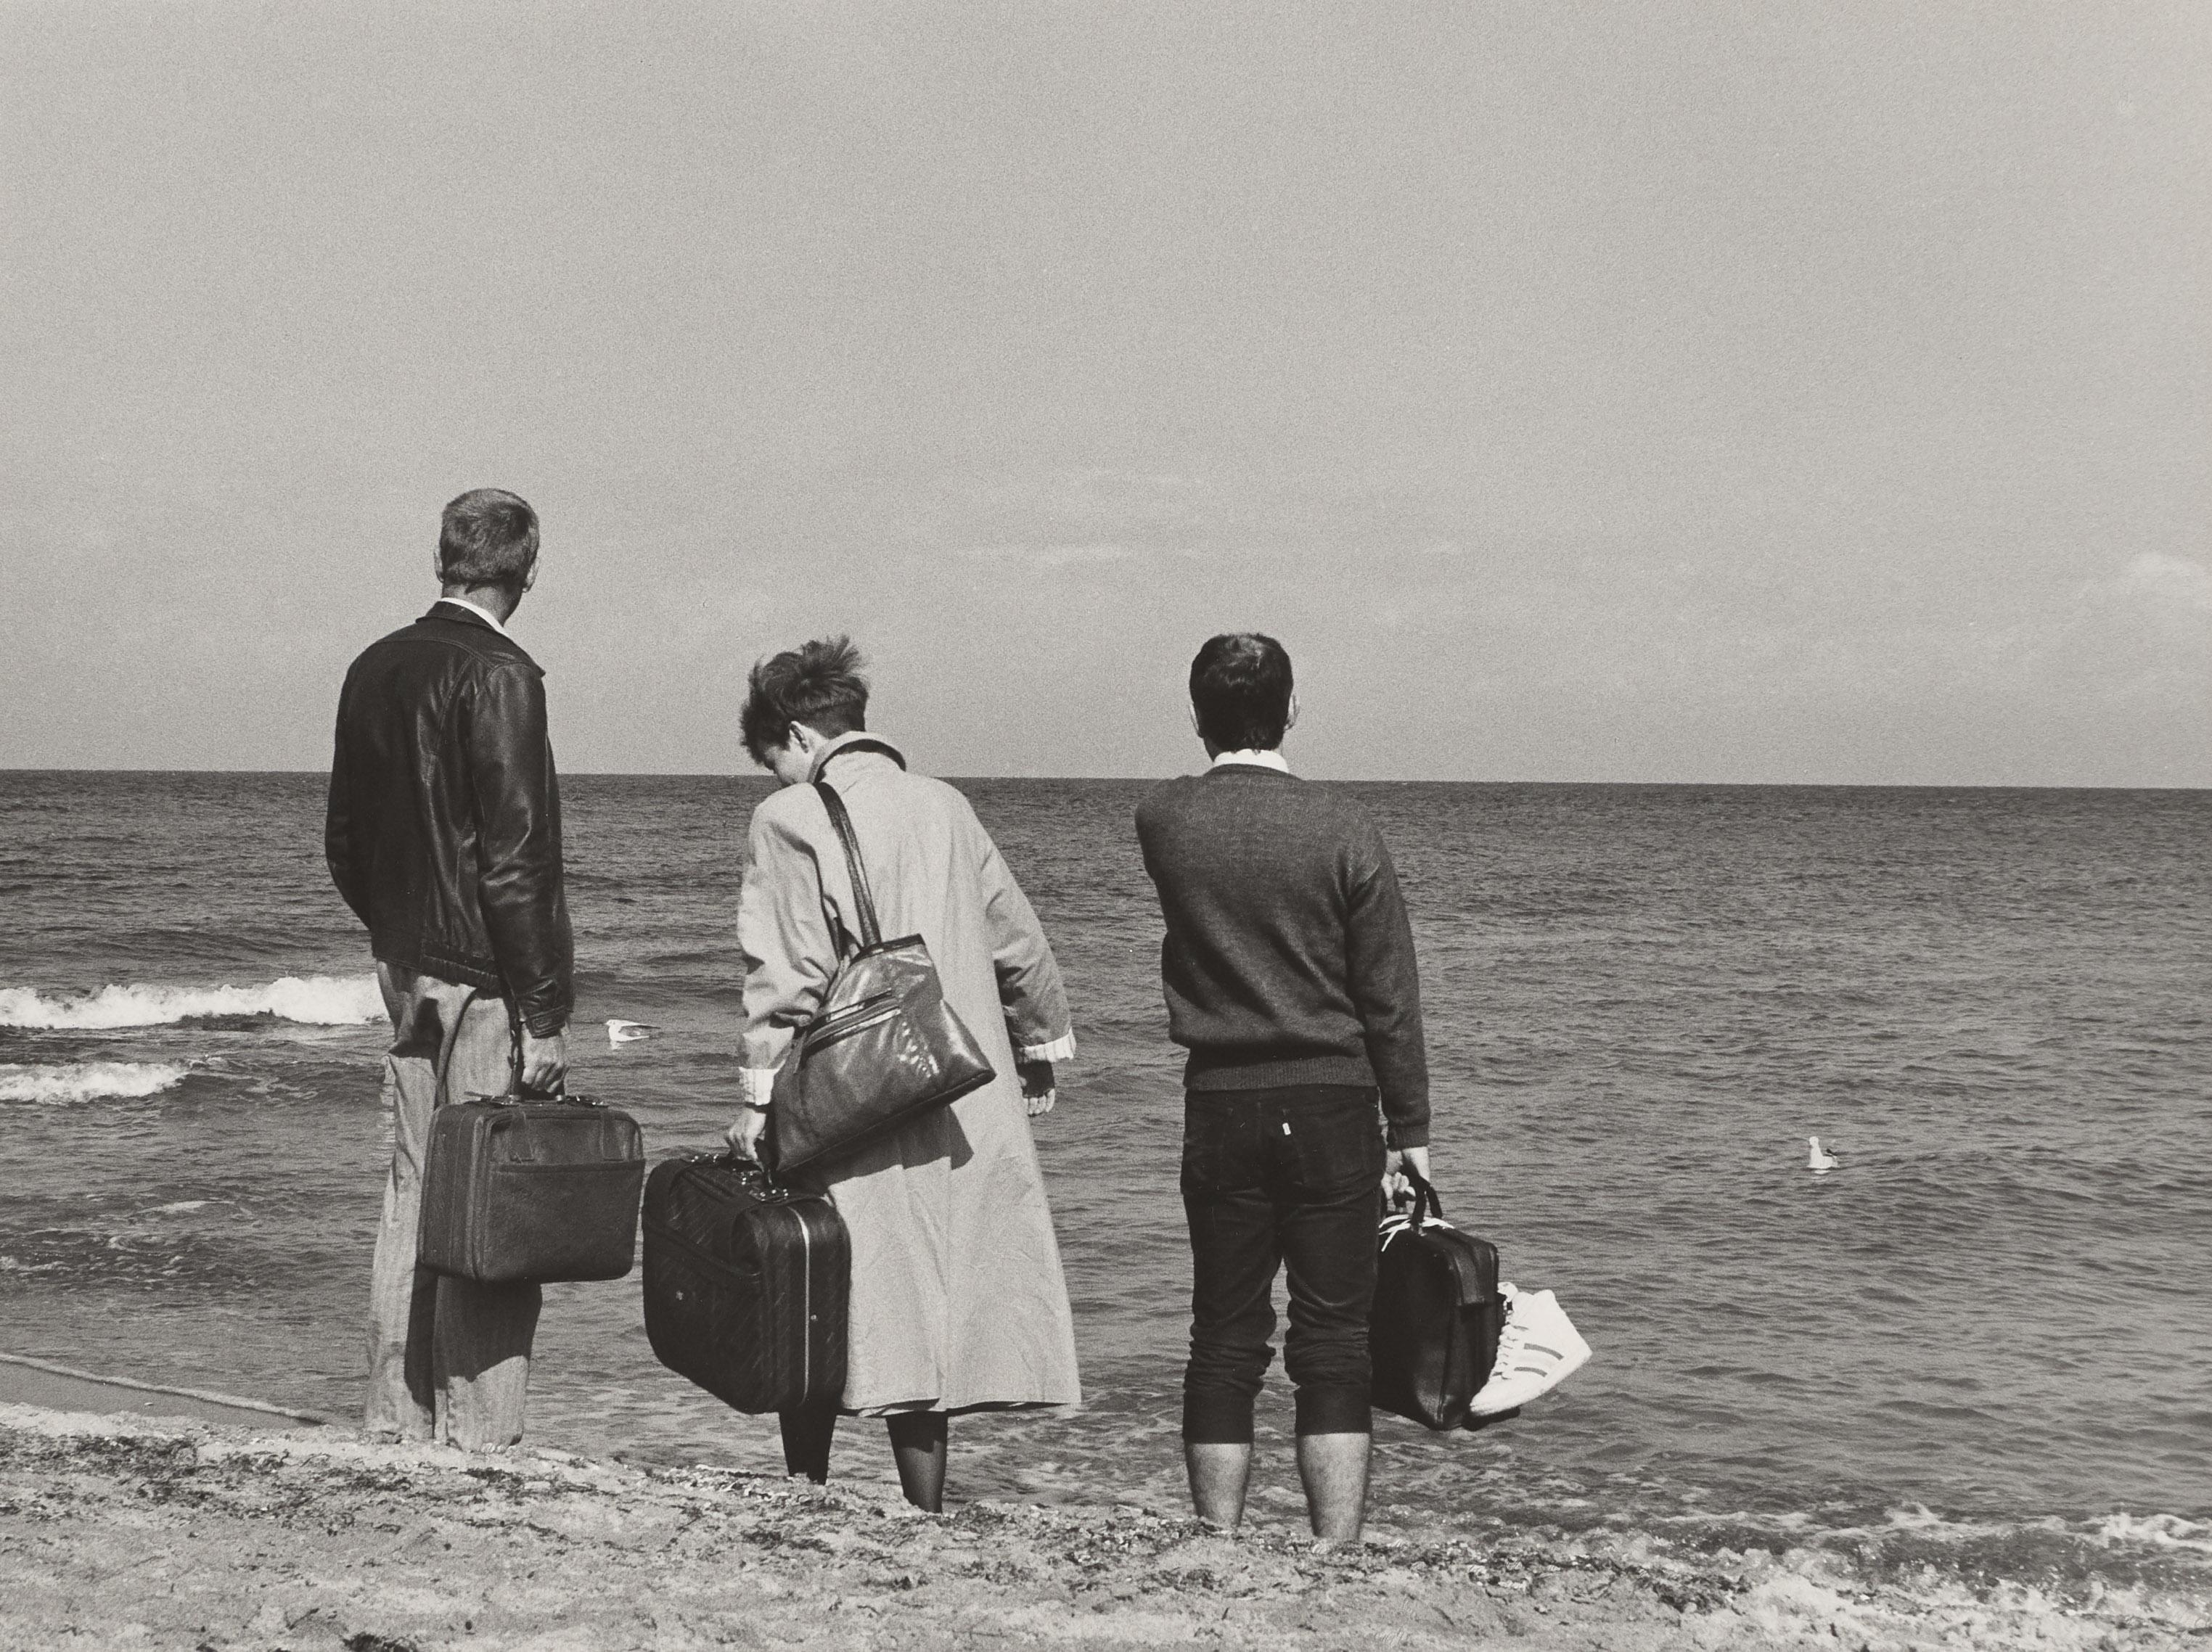 Ulrich Wüst. Kühlungsborn an der Ostsee. 1989.